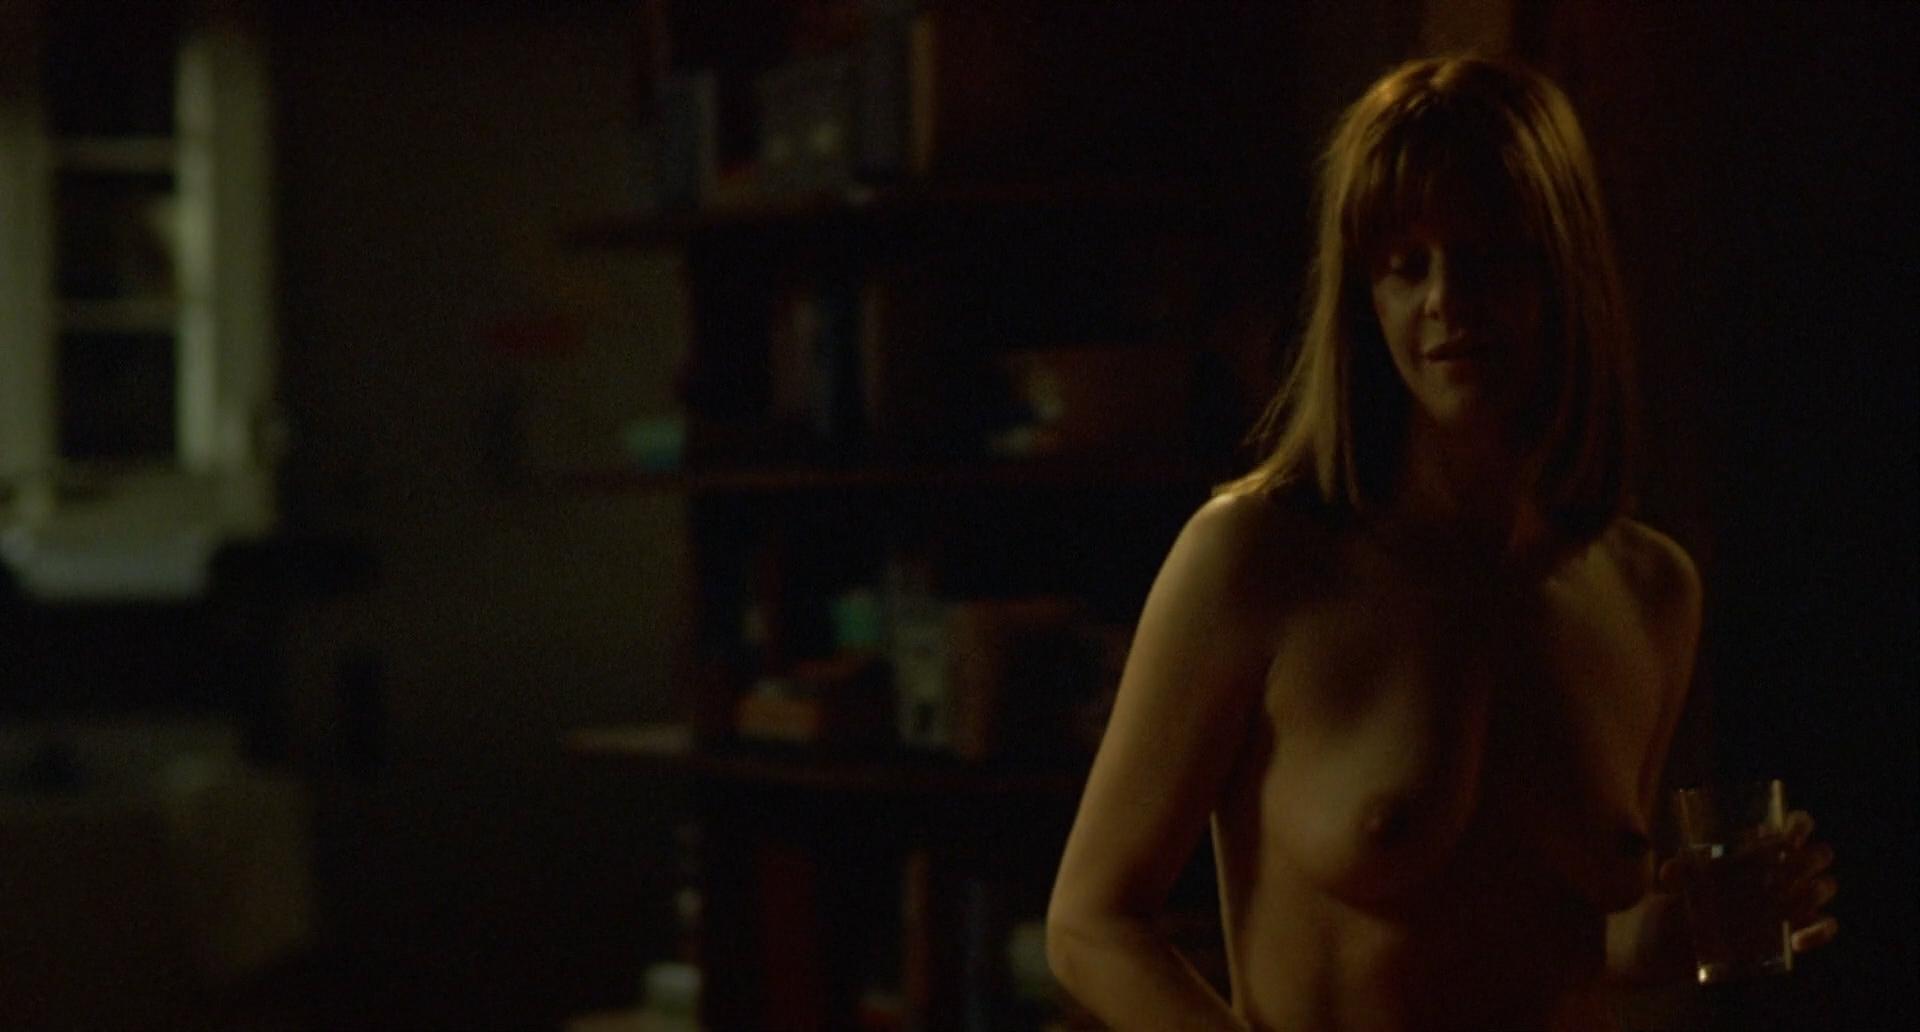 Meg ryan nude scene